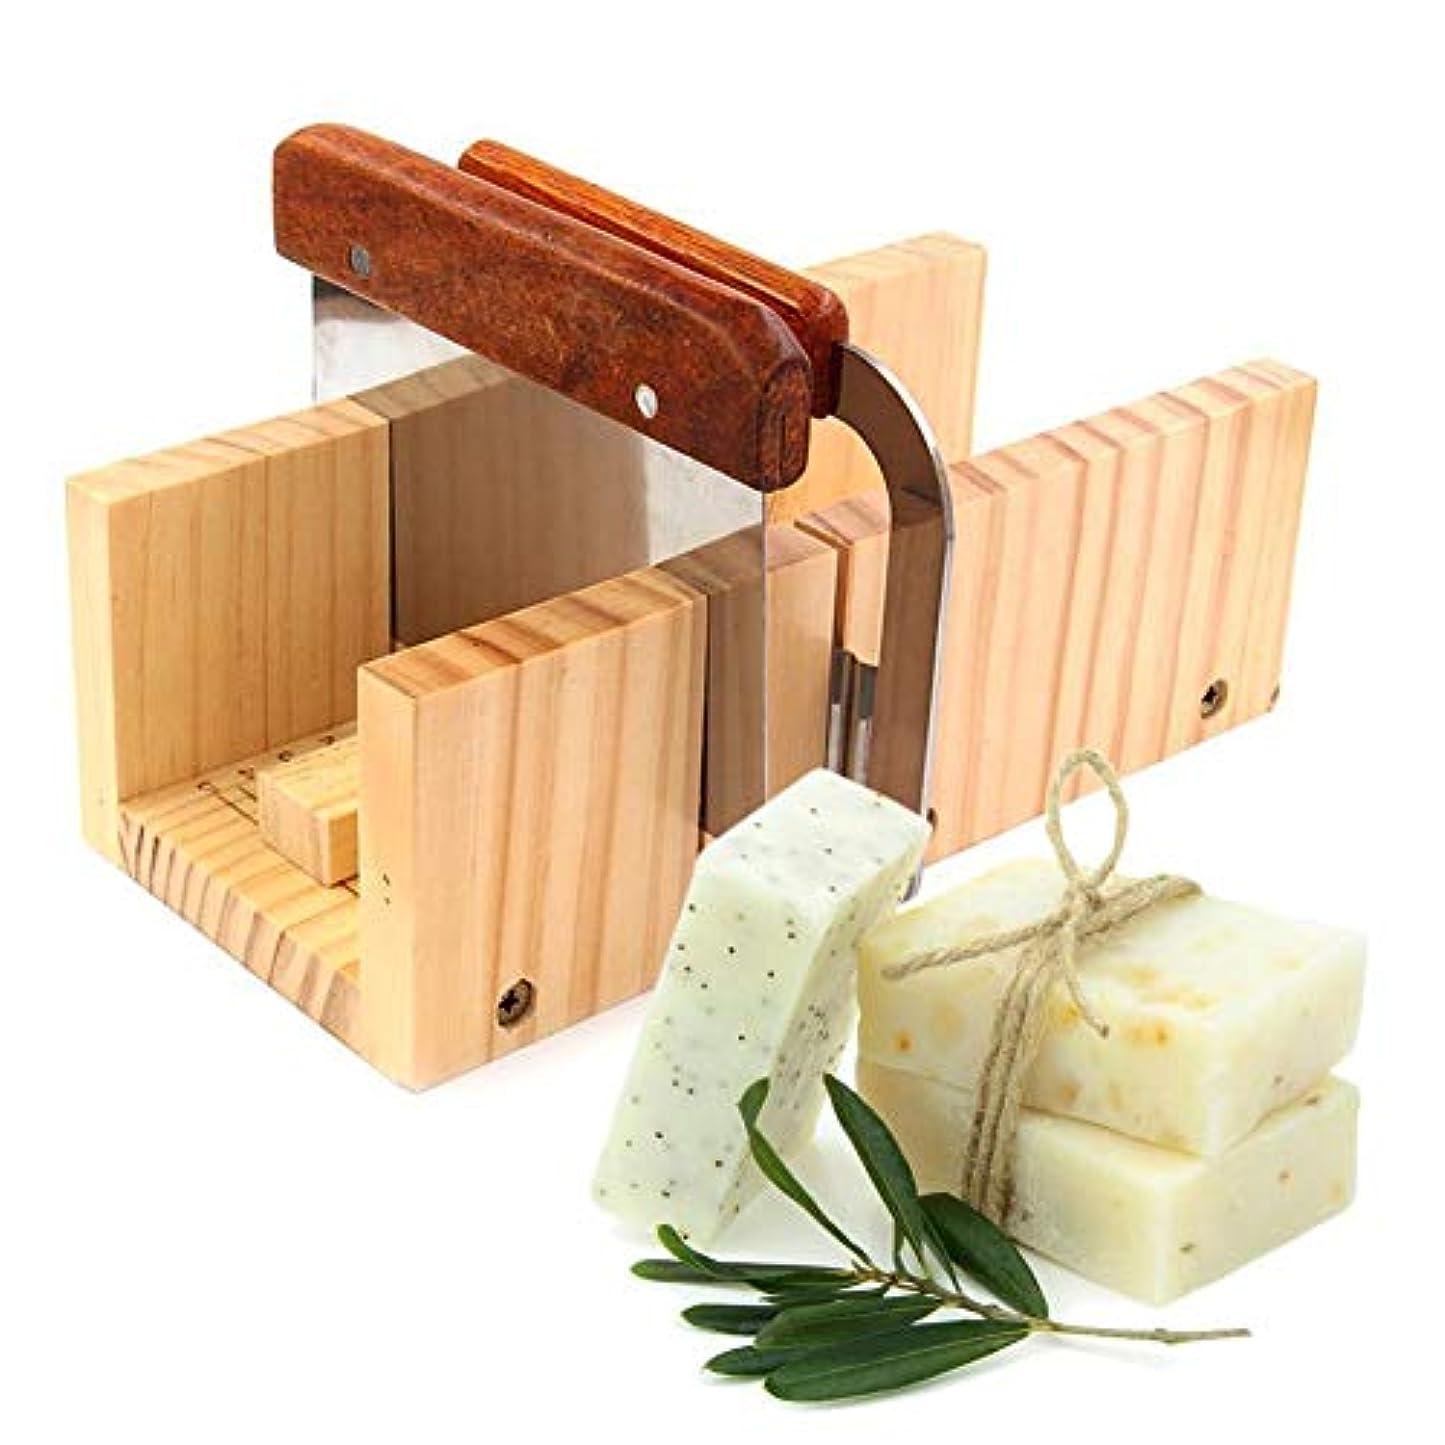 先史時代のブロンズ傷つけるRagem ソープカッター 手作り石鹸金型 木製 ローフカッターボックス 調整可能 多機能ソープ切削工具 ストレートプレーニングツール